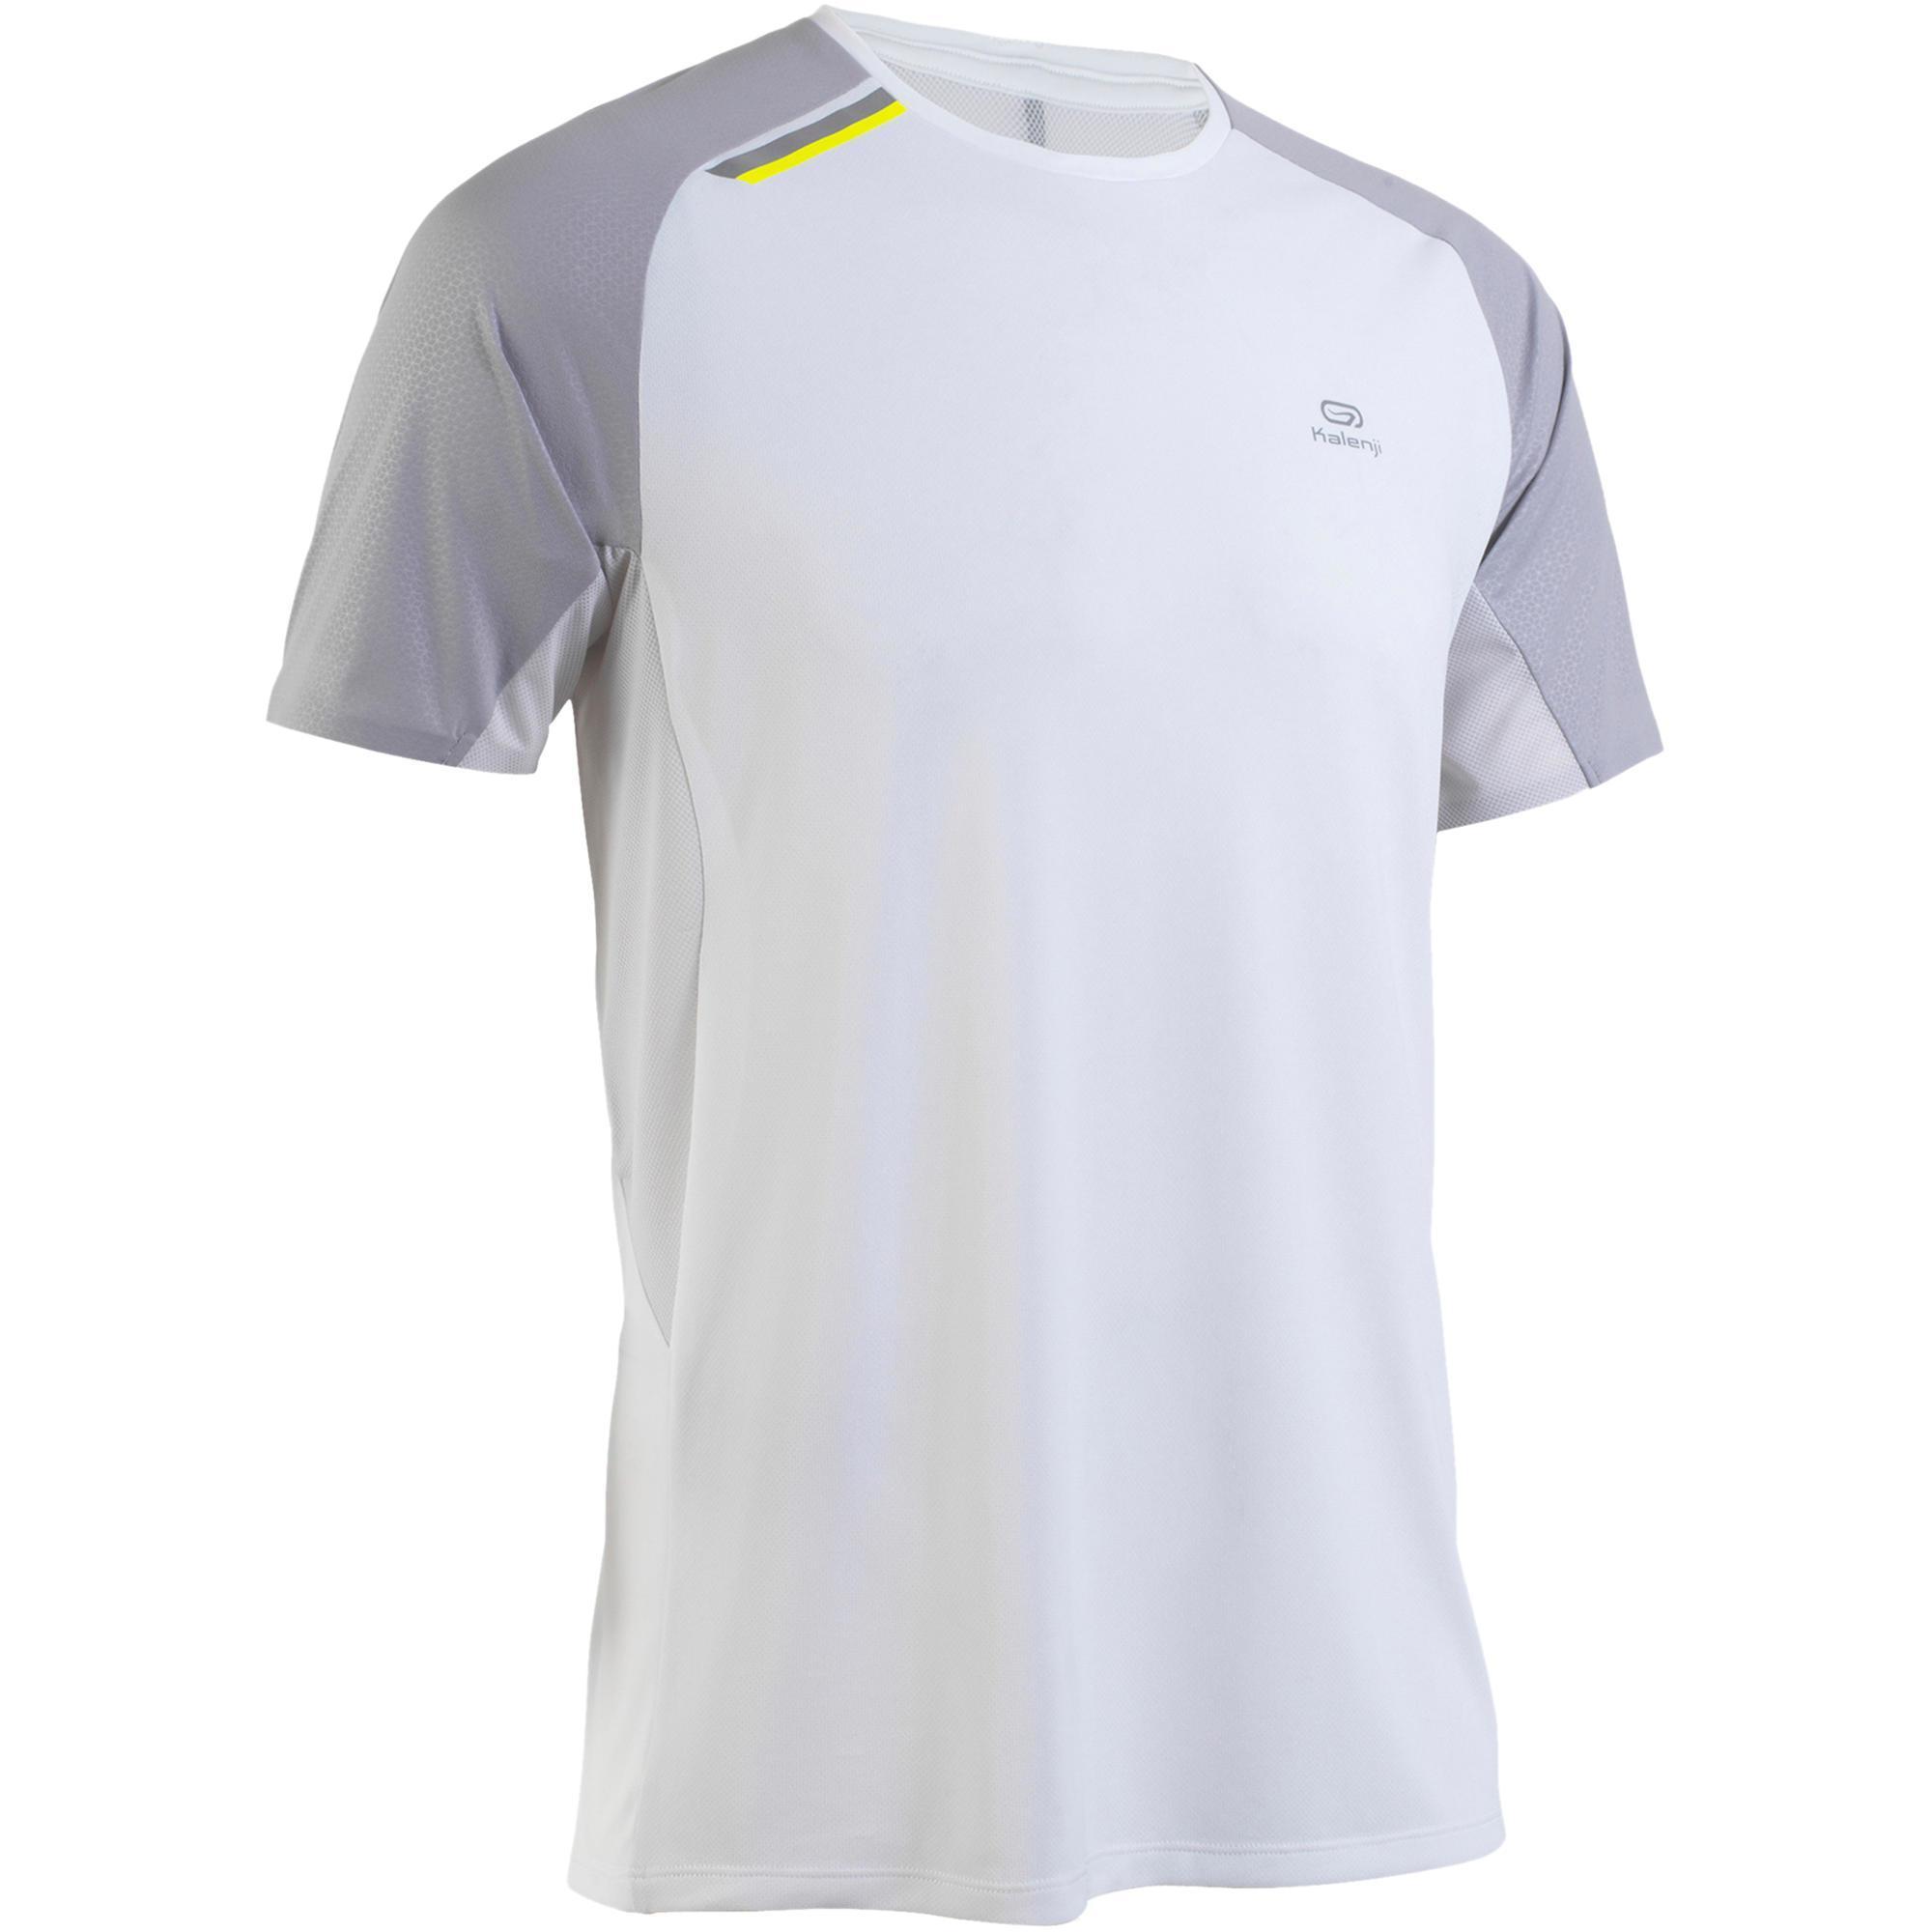 Kalenji Hardloopshirt voor heren Kiprun Light wit